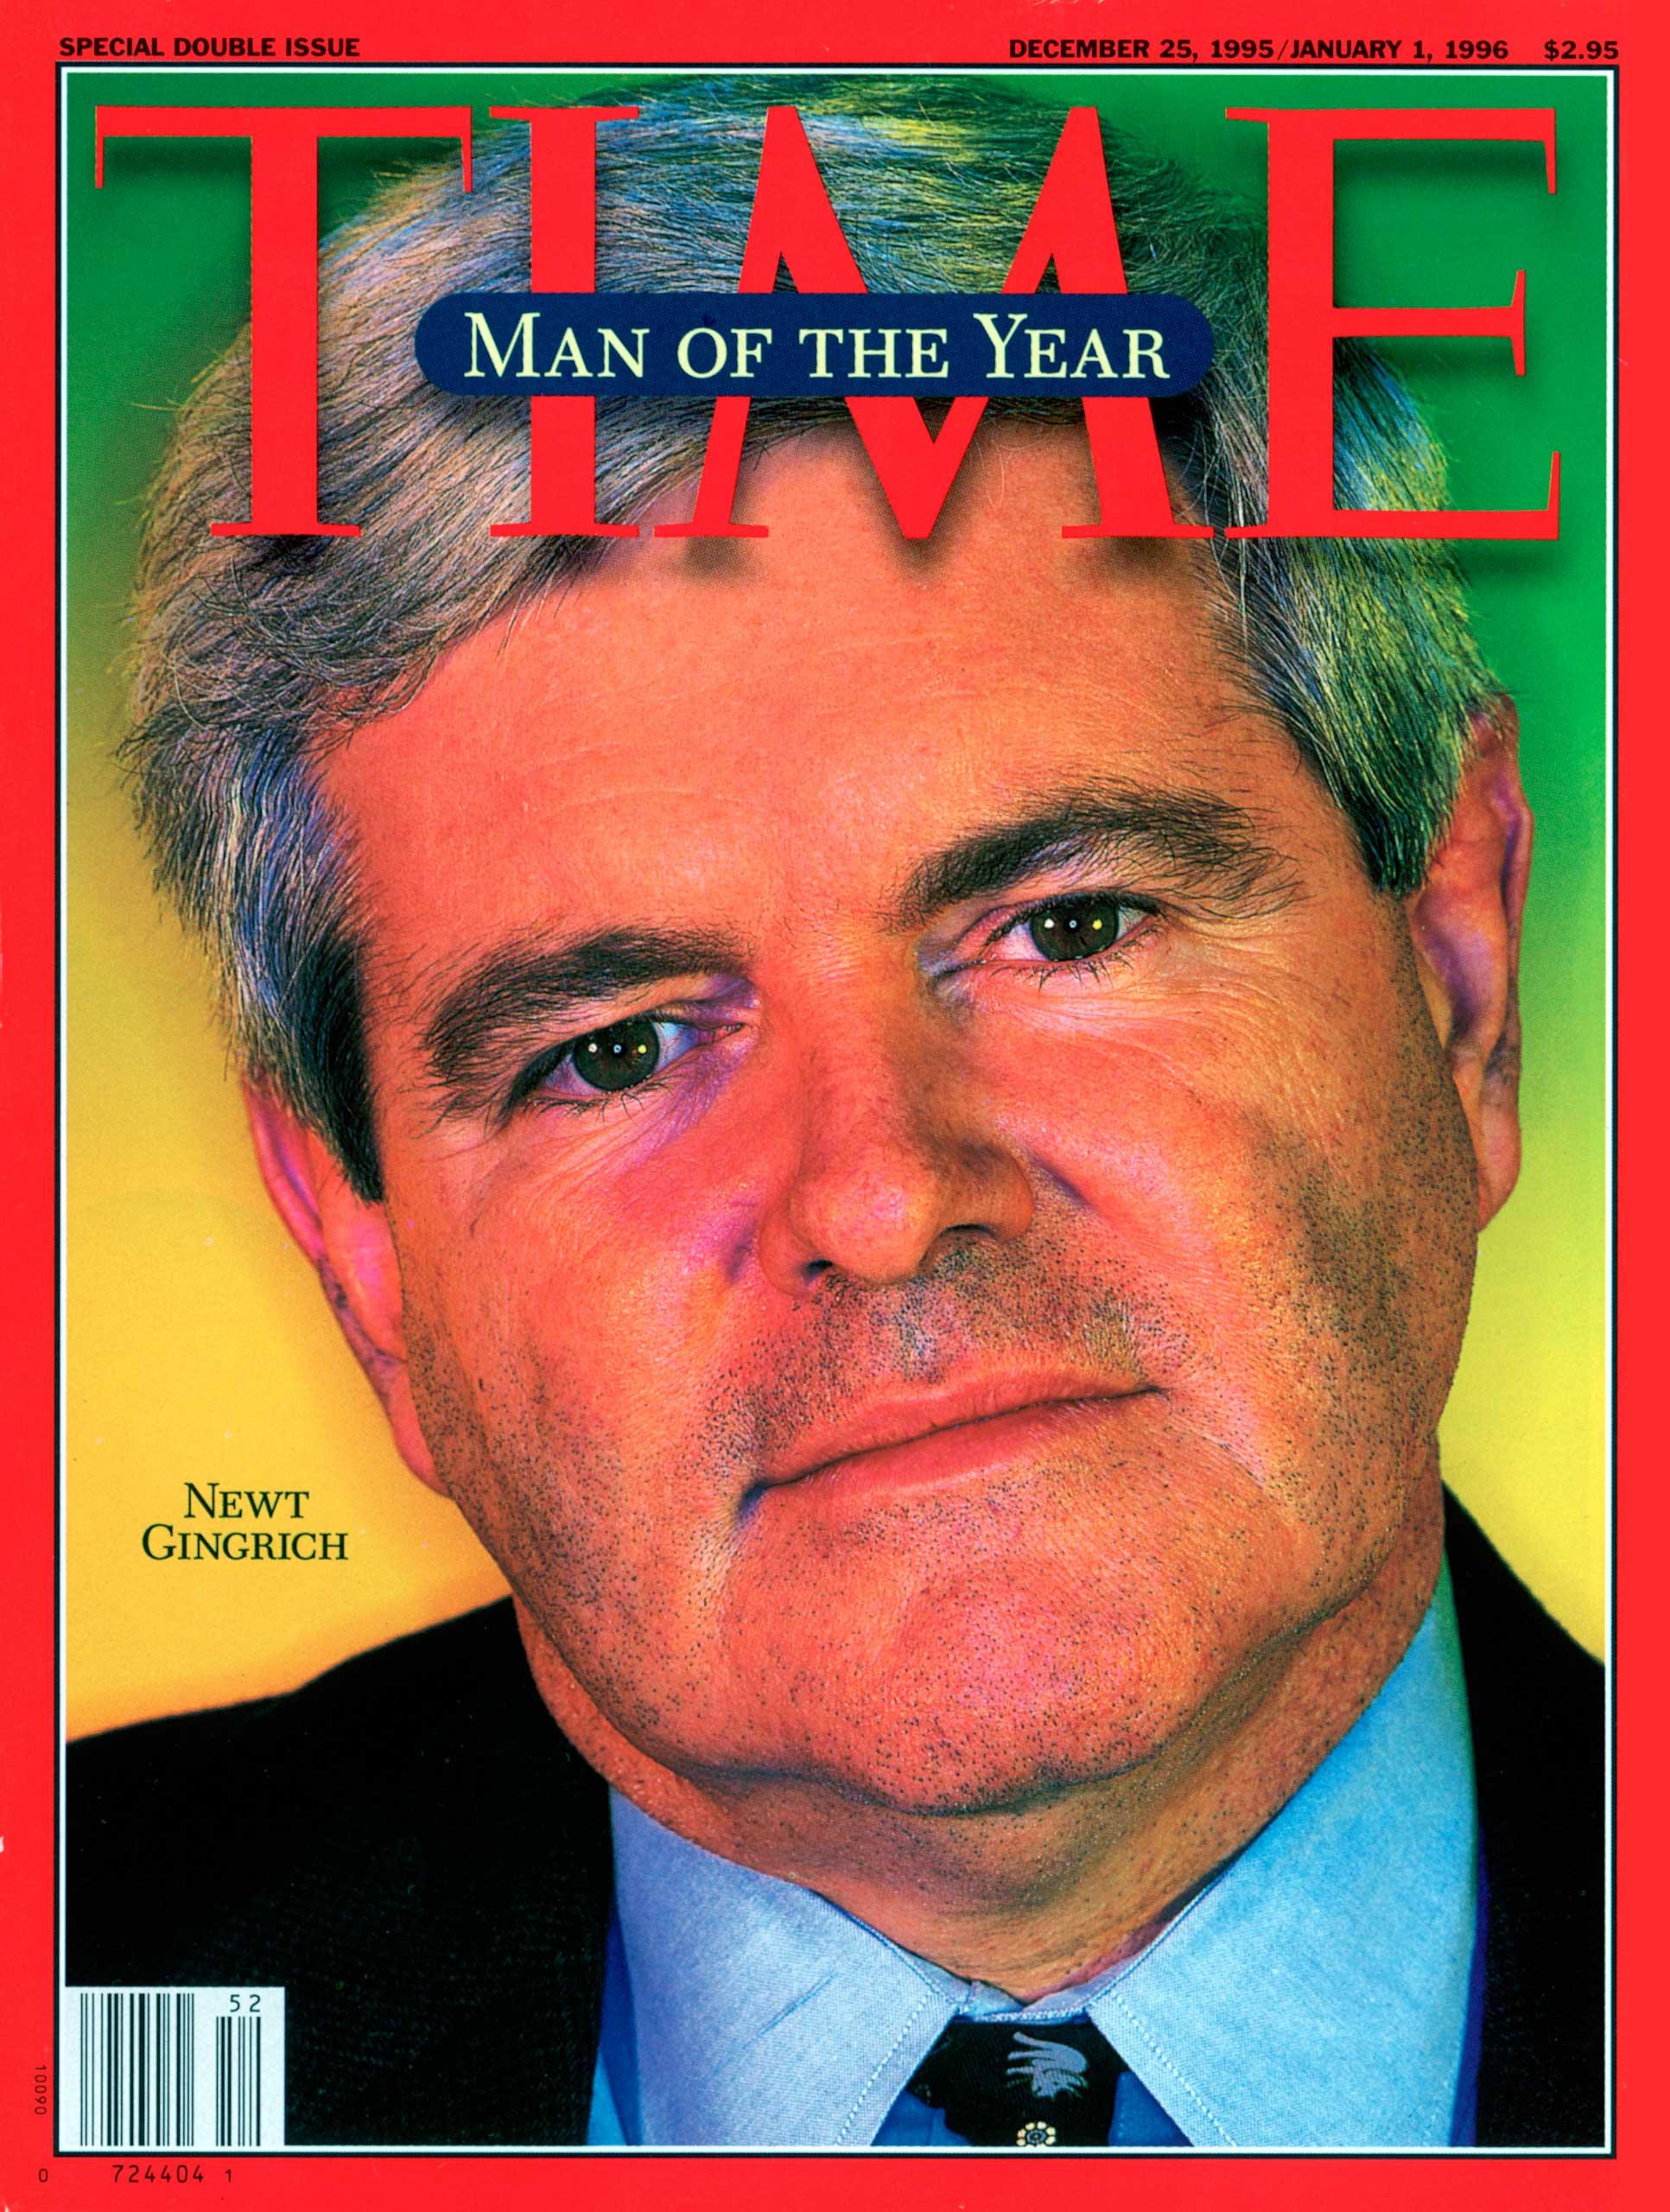 1995: Newt Gingrich